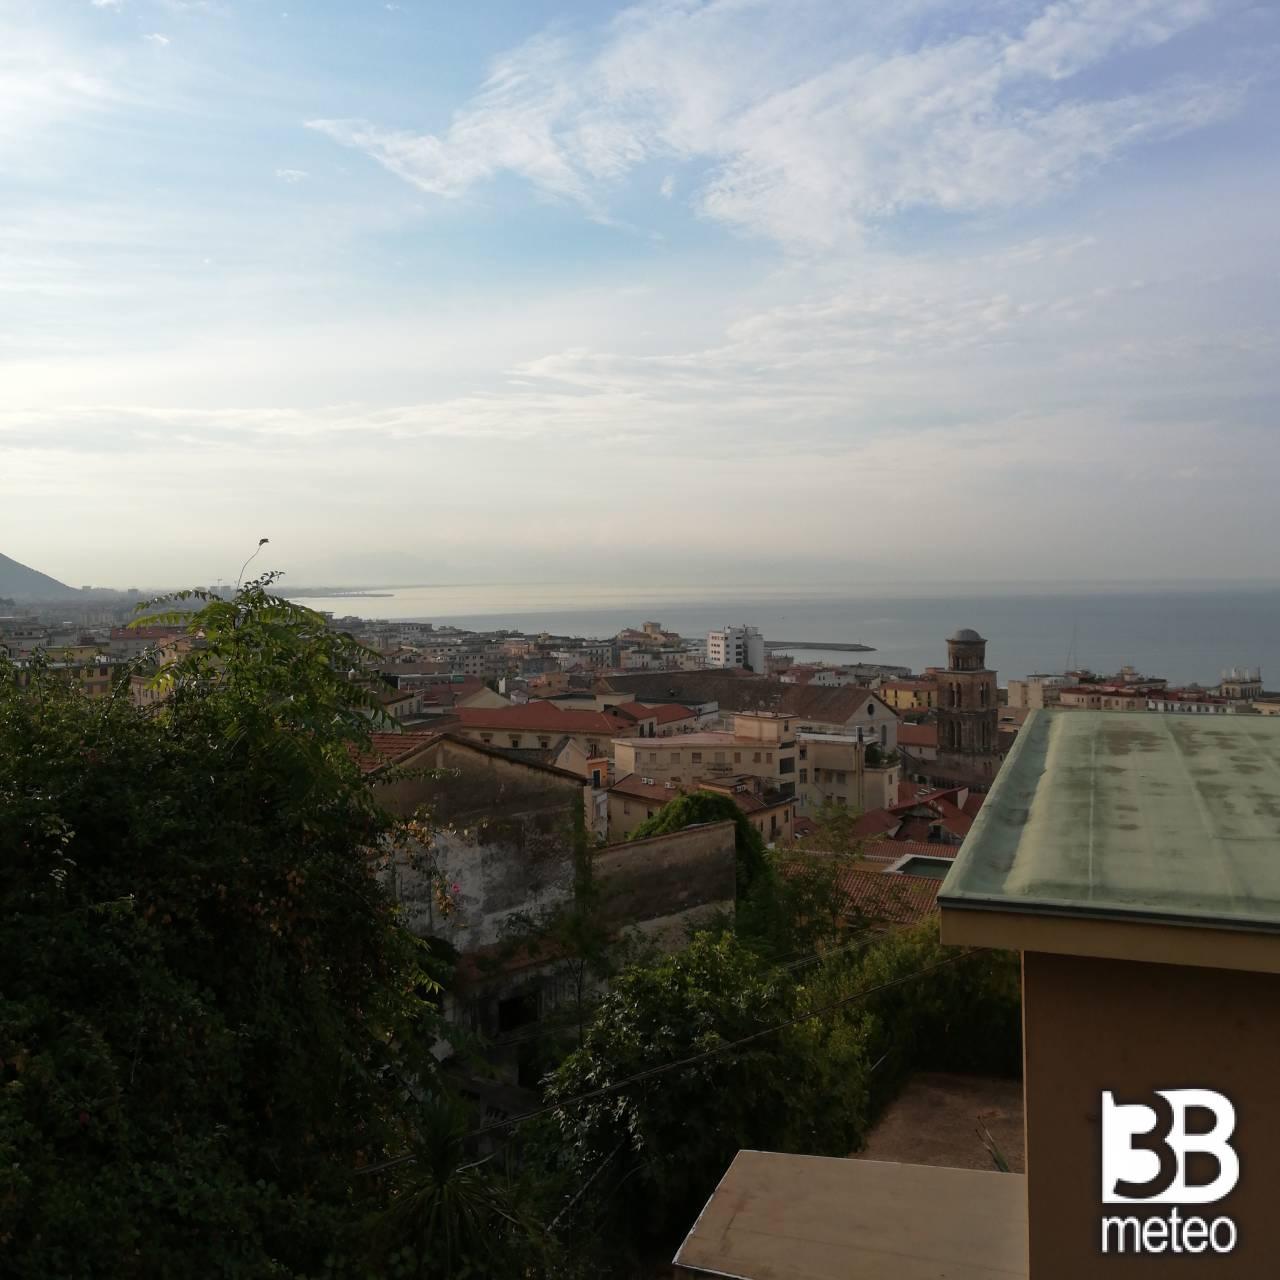 Foto Meteo: Fotosegnalazione Di Salerno « 3B Meteo